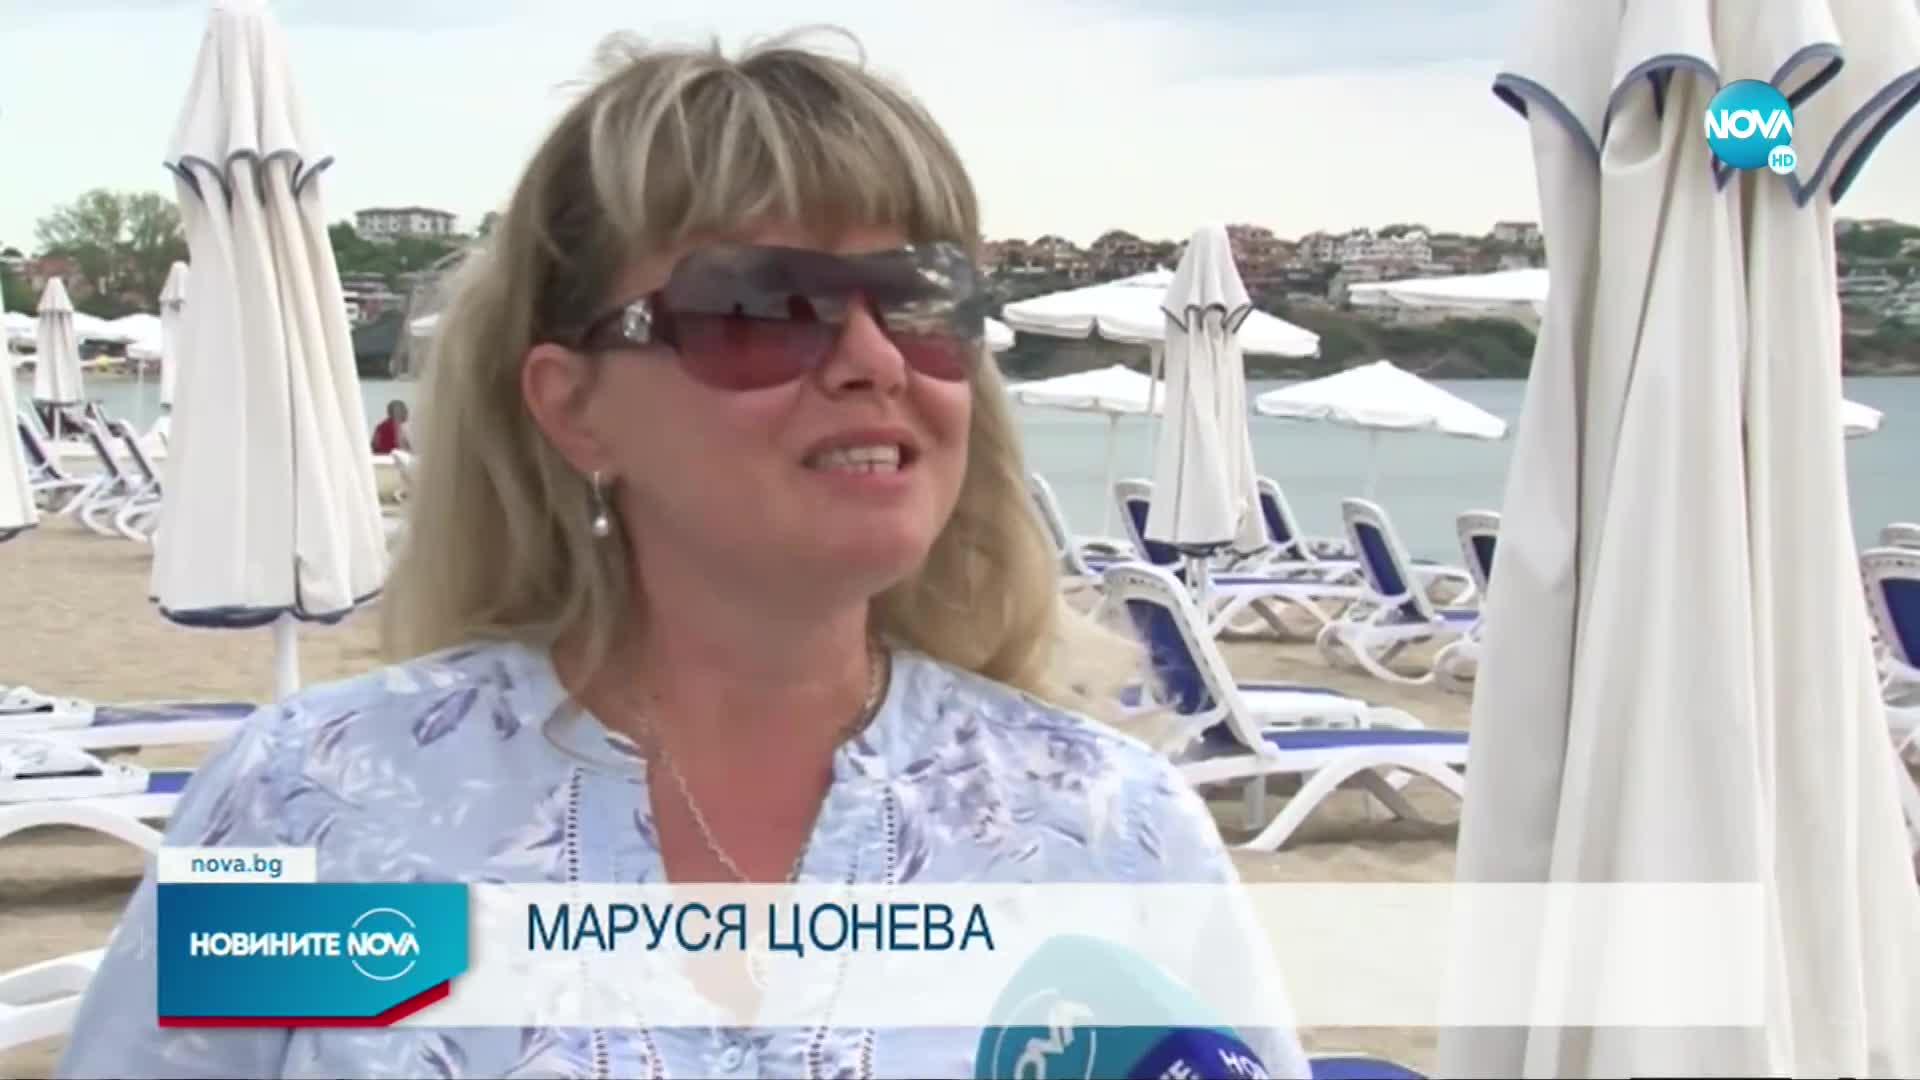 Младоженец загуби халката си на плажа, морето му я върна